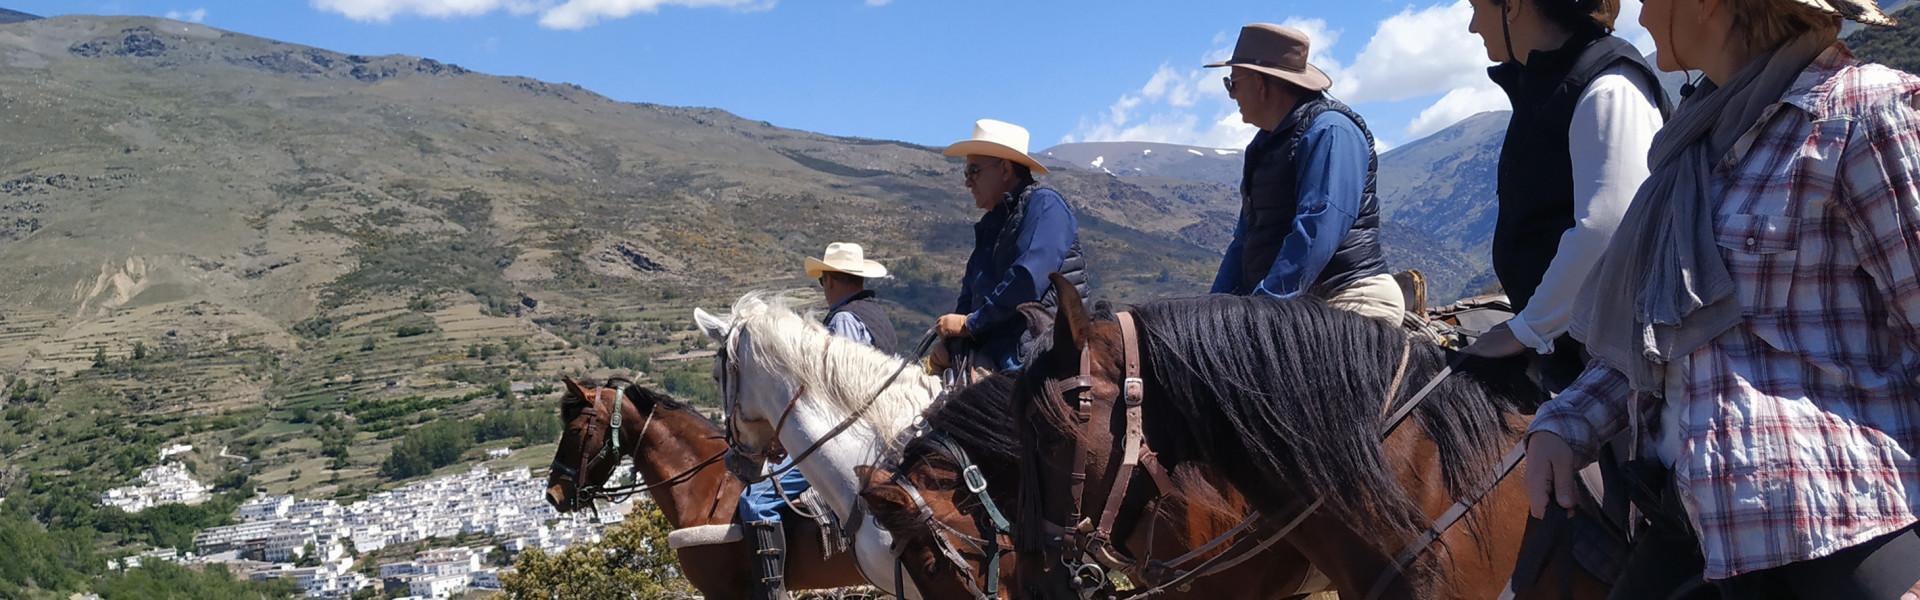 Main image ofANDALOUSIE - A cheval au coeur de la Sierra Nevada et du désert de Tabernas